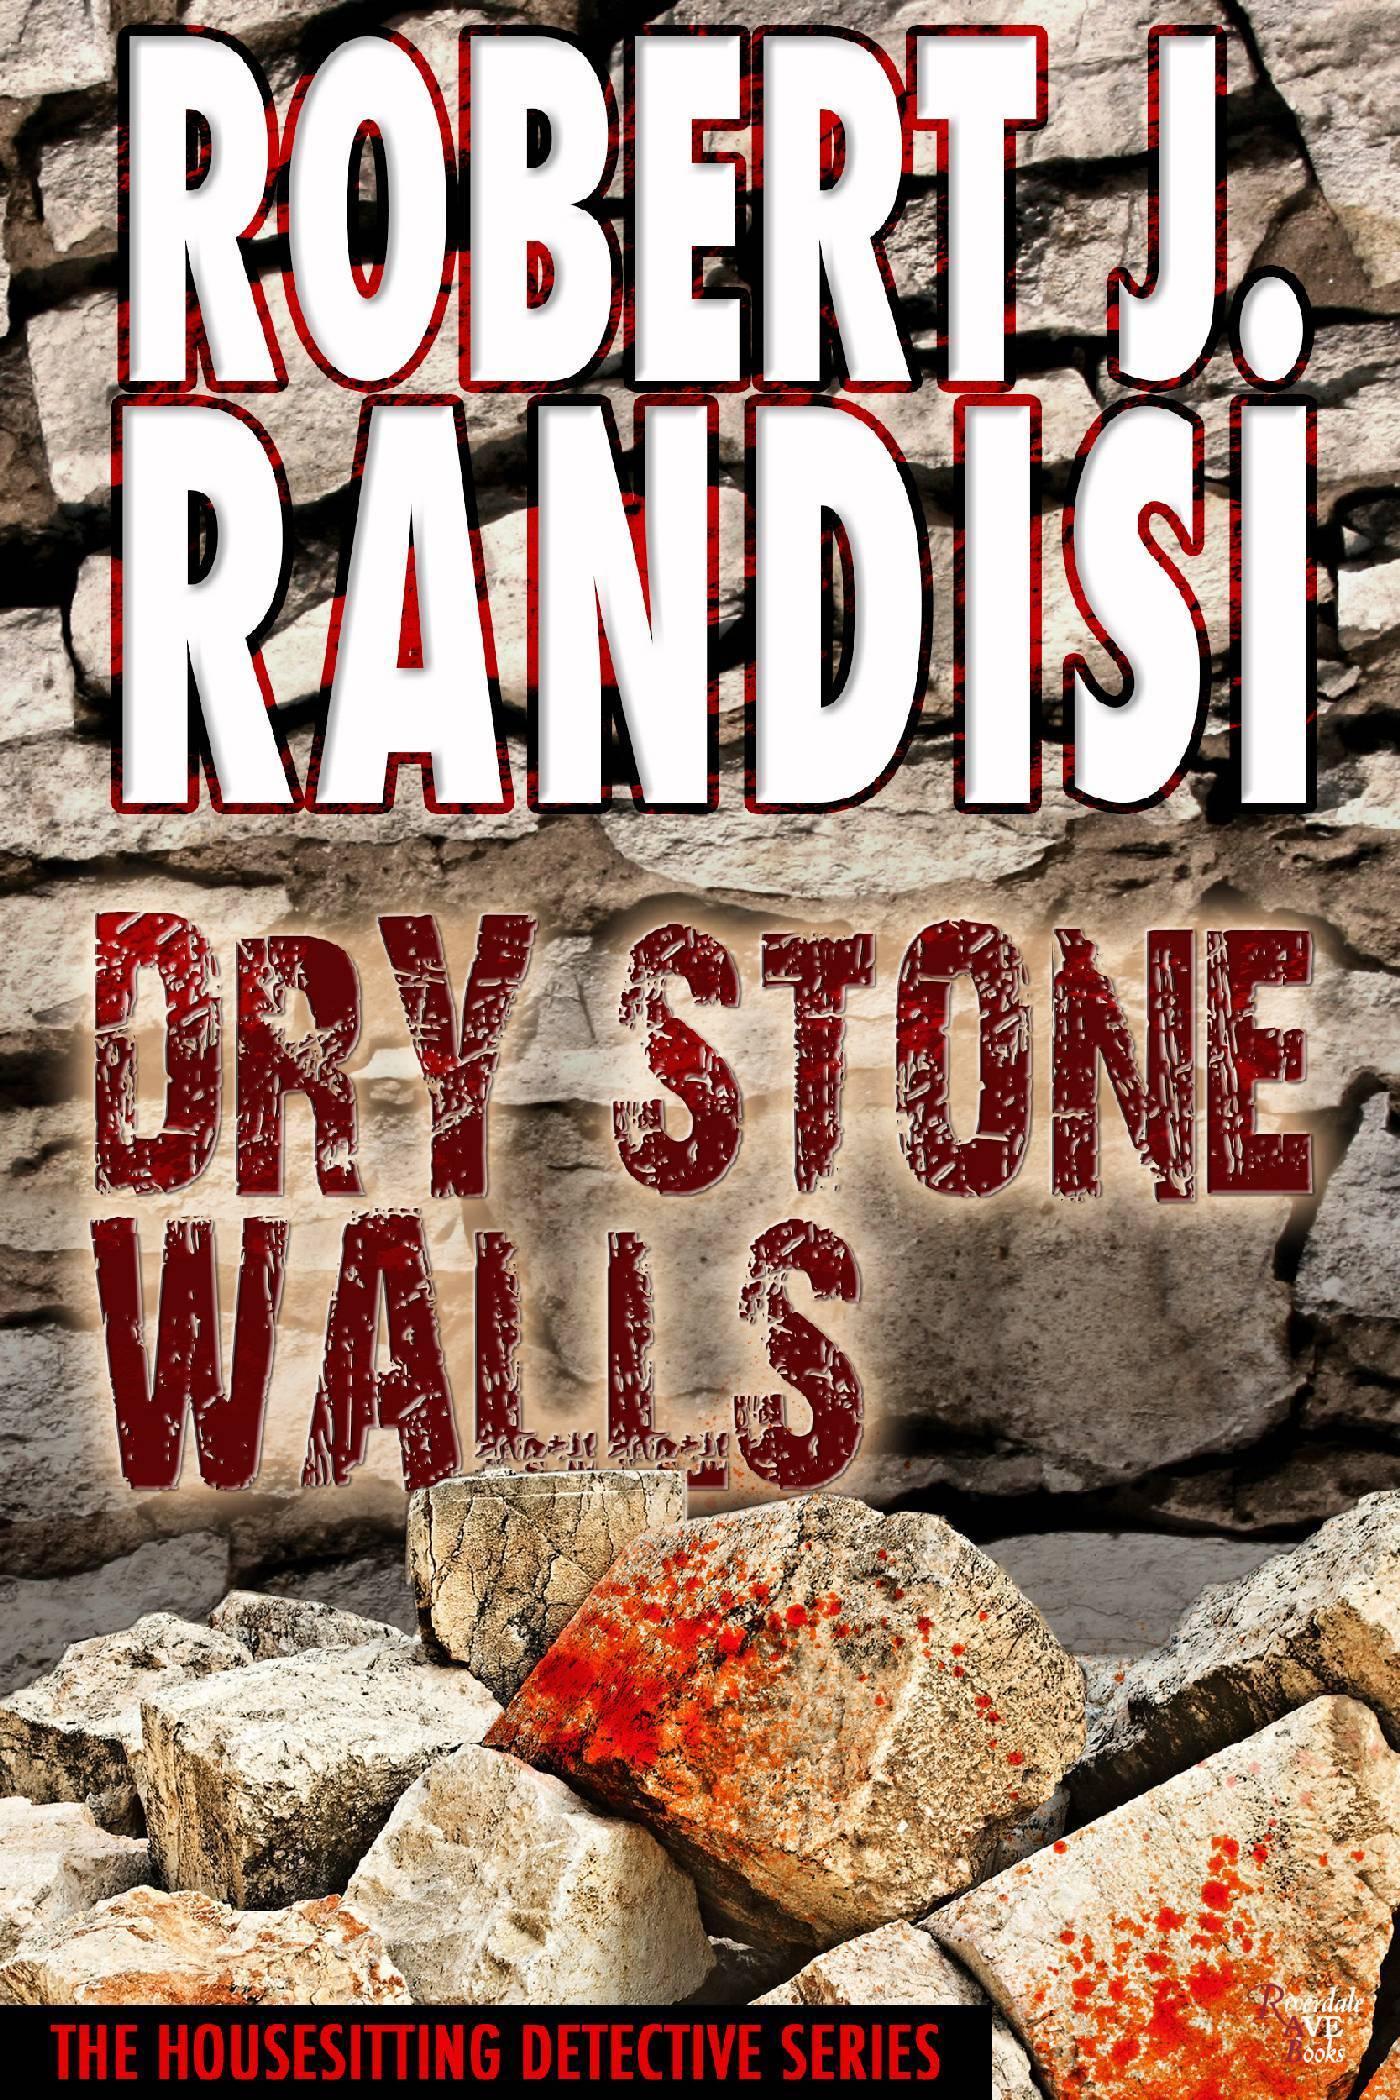 Dry Stone Walls: The Housesitting Detective Series Robert Randisi